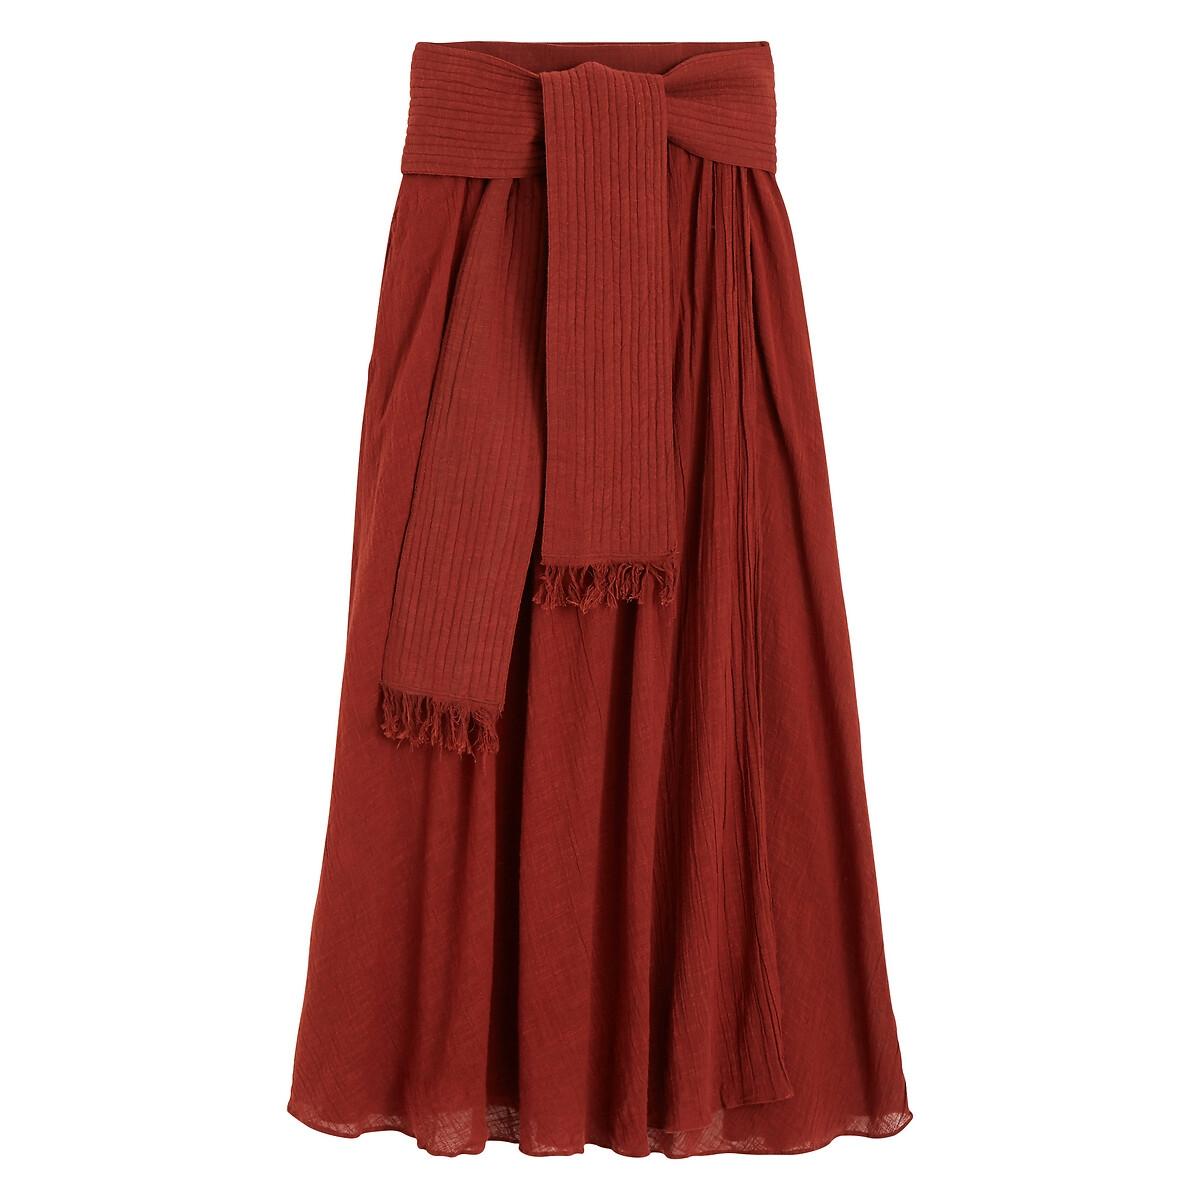 Юбка La Redoute С запахом длинная XS оранжевый полуприлегающая юбка с запахом max mara полуприлегающая юбка с запахом